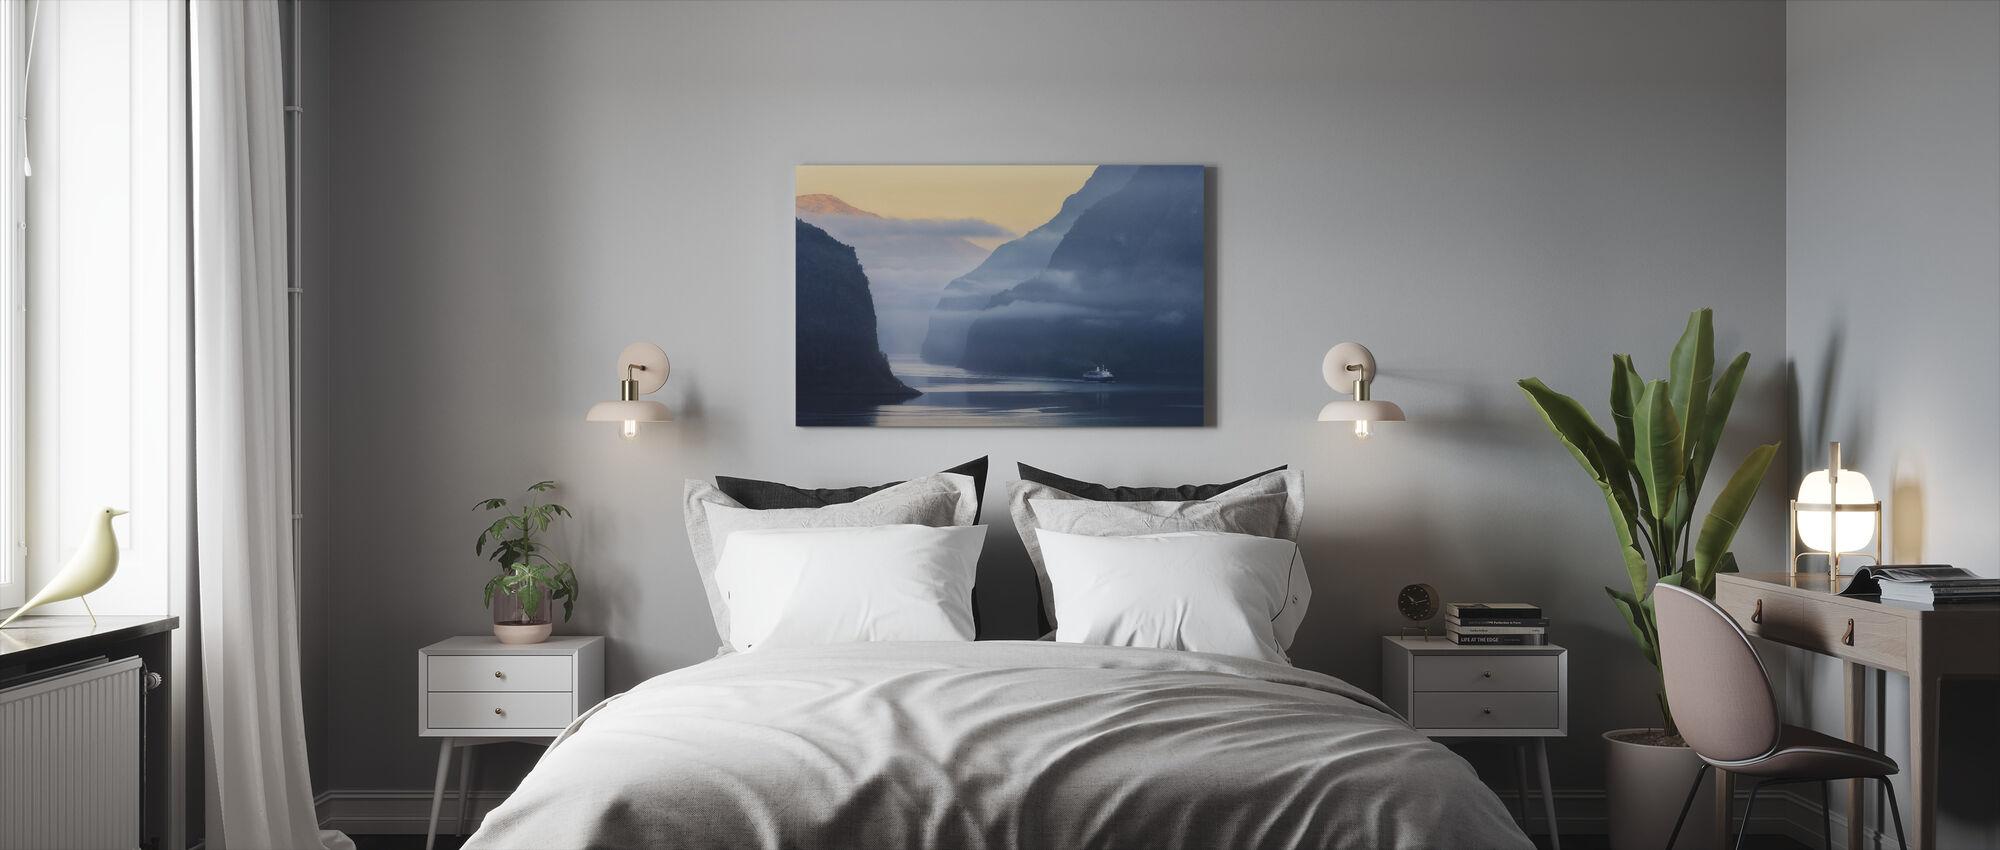 Norsk fjord i tåge - Billede på lærred - Soveværelse